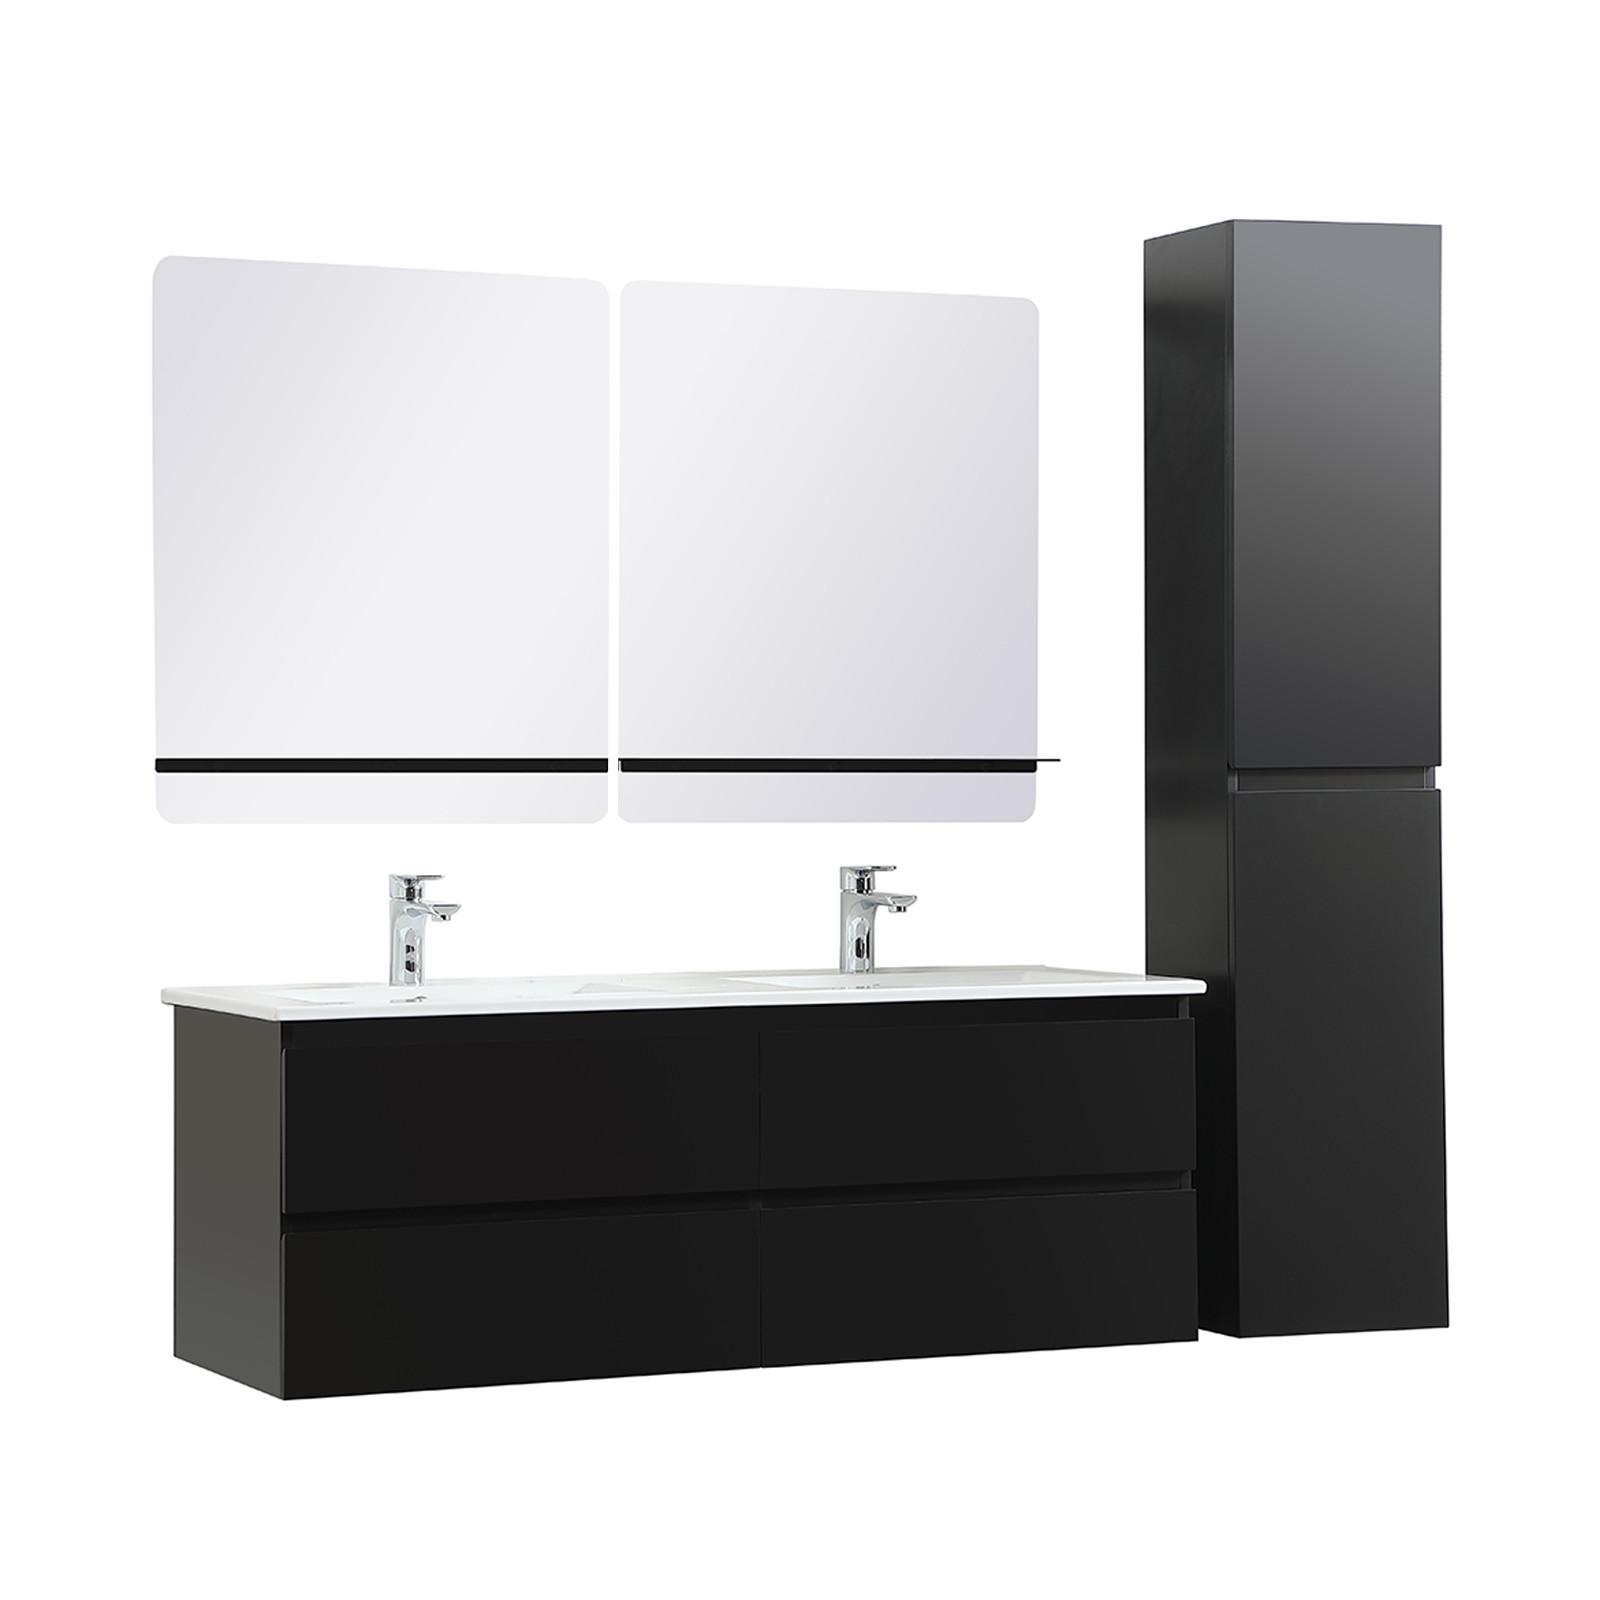 Meuble de Salle de Bain Double Vasque 120 cm Noir Carbone + Colonne + 2 miroirs SORRENTO